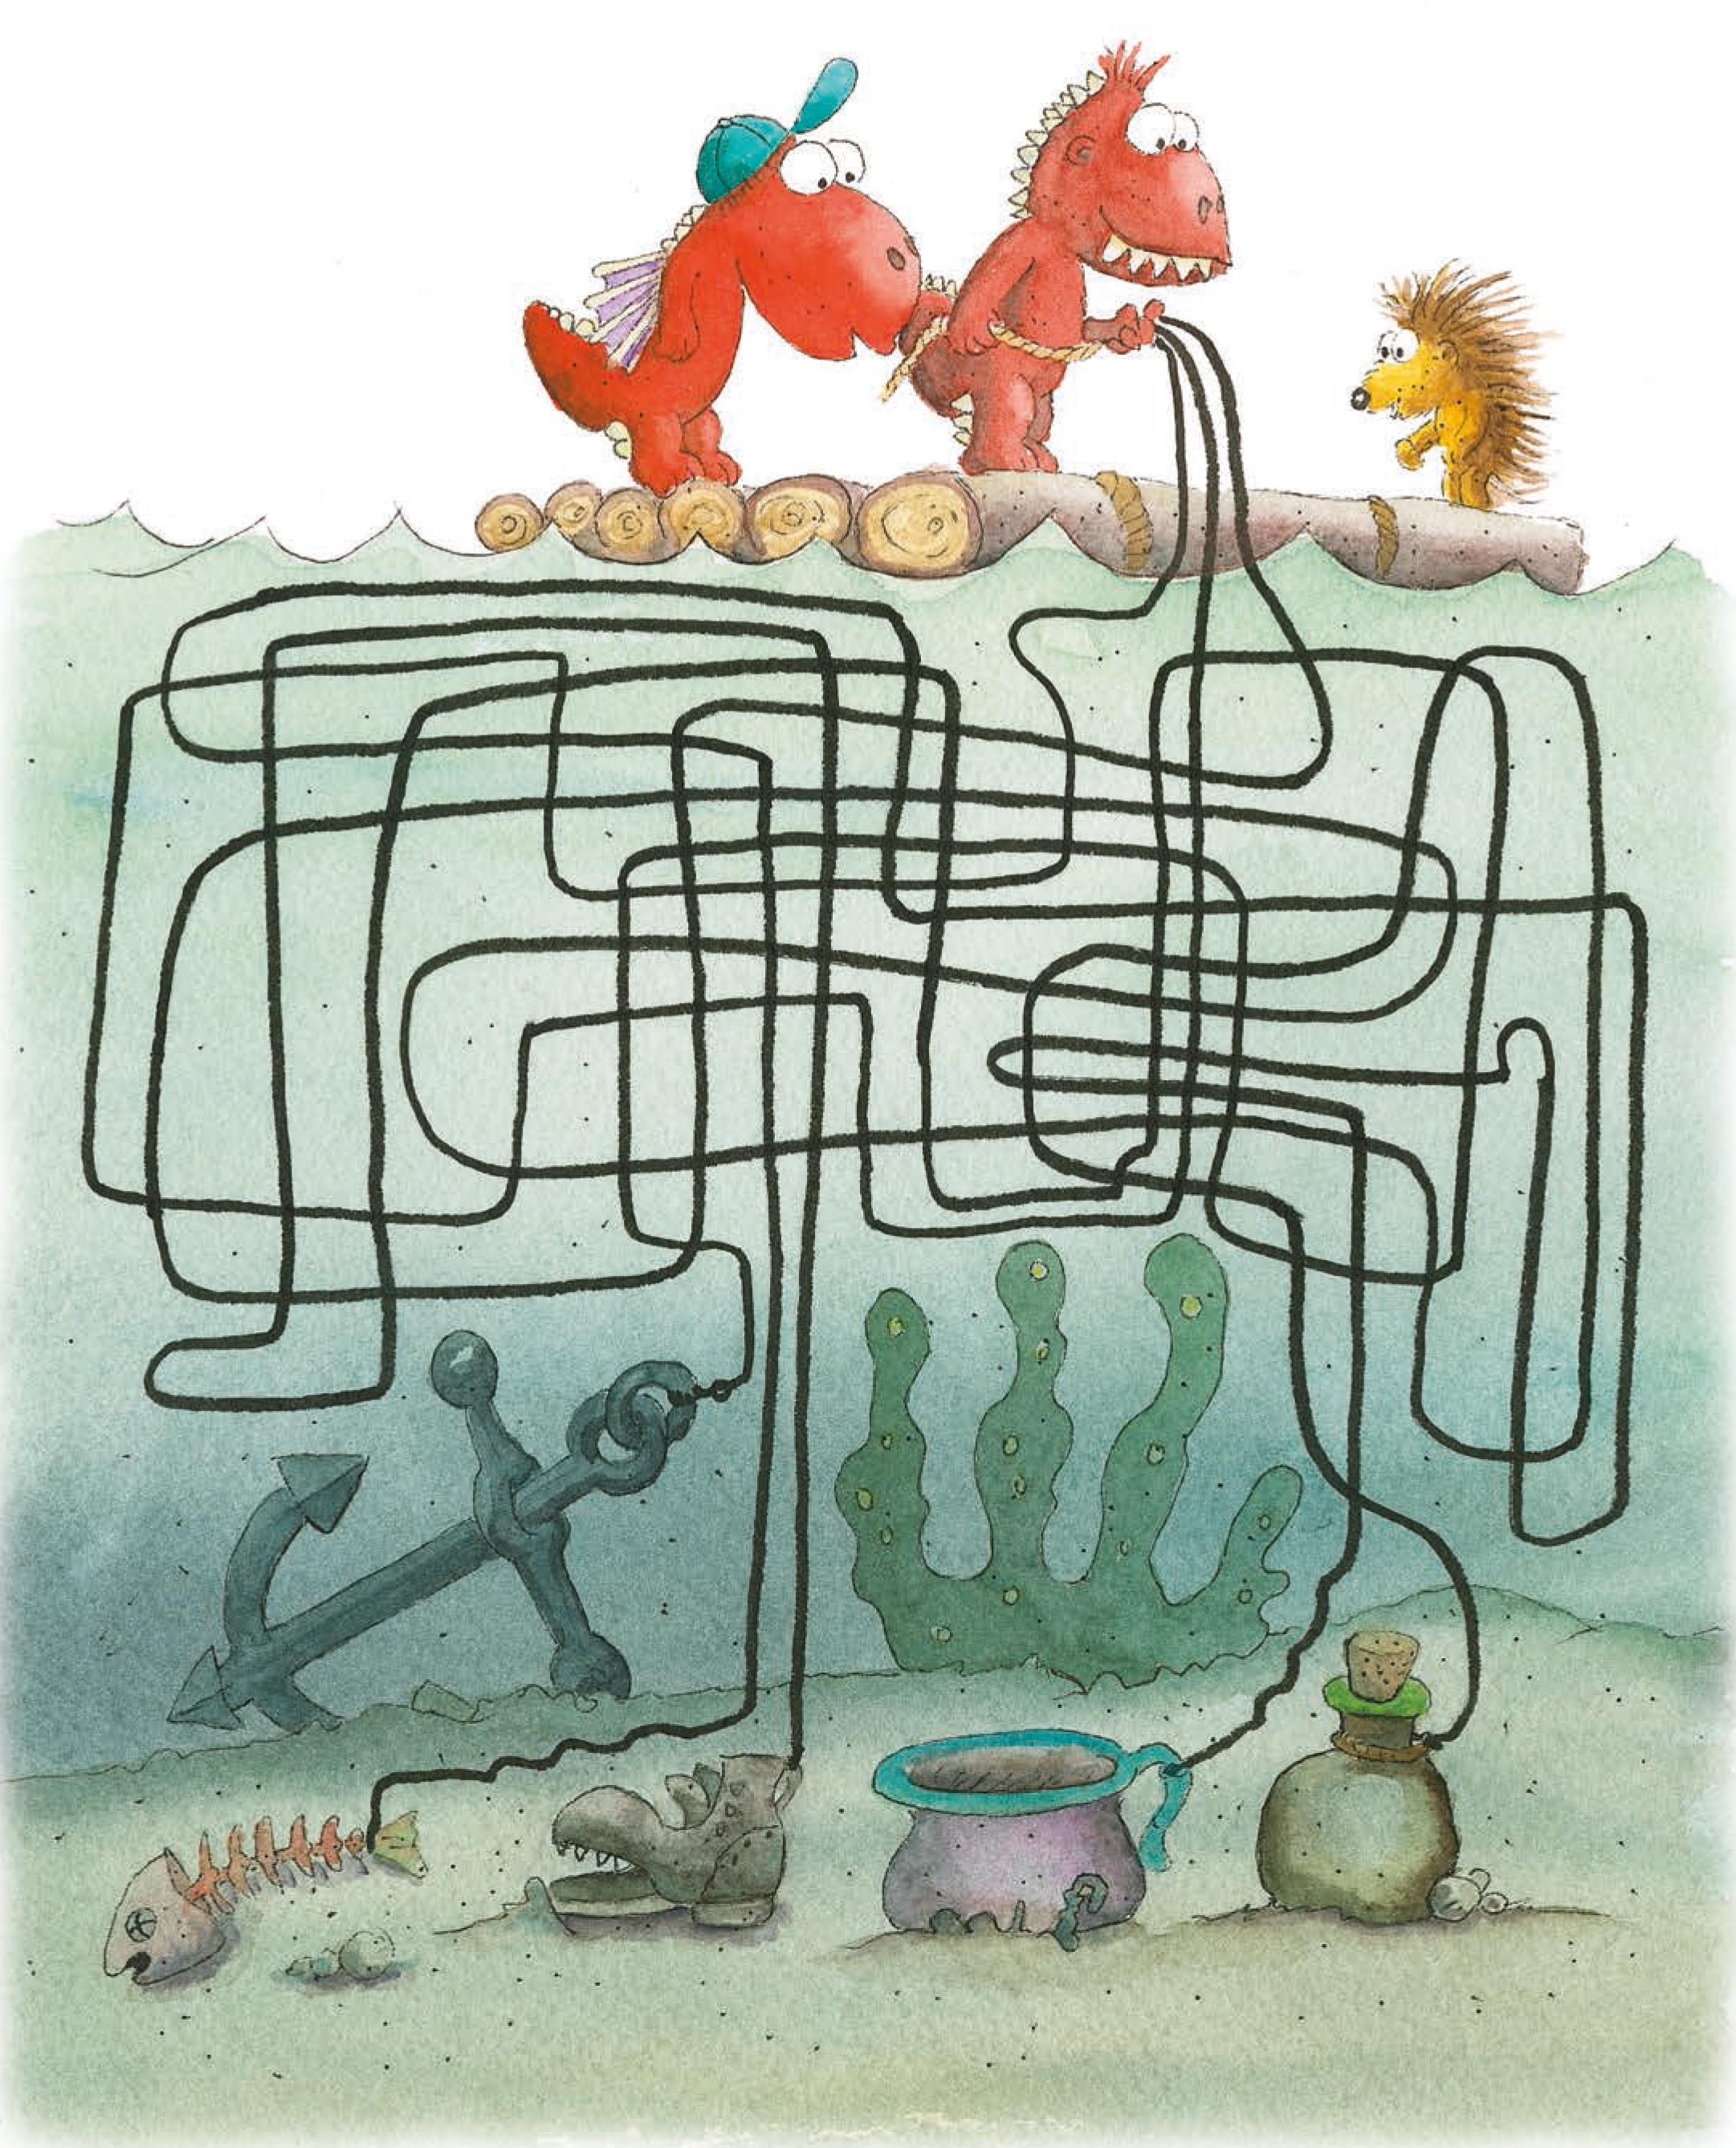 Gro Artig Drache Kokosnuss Malen Galerie Malvorlagen Von Tieren